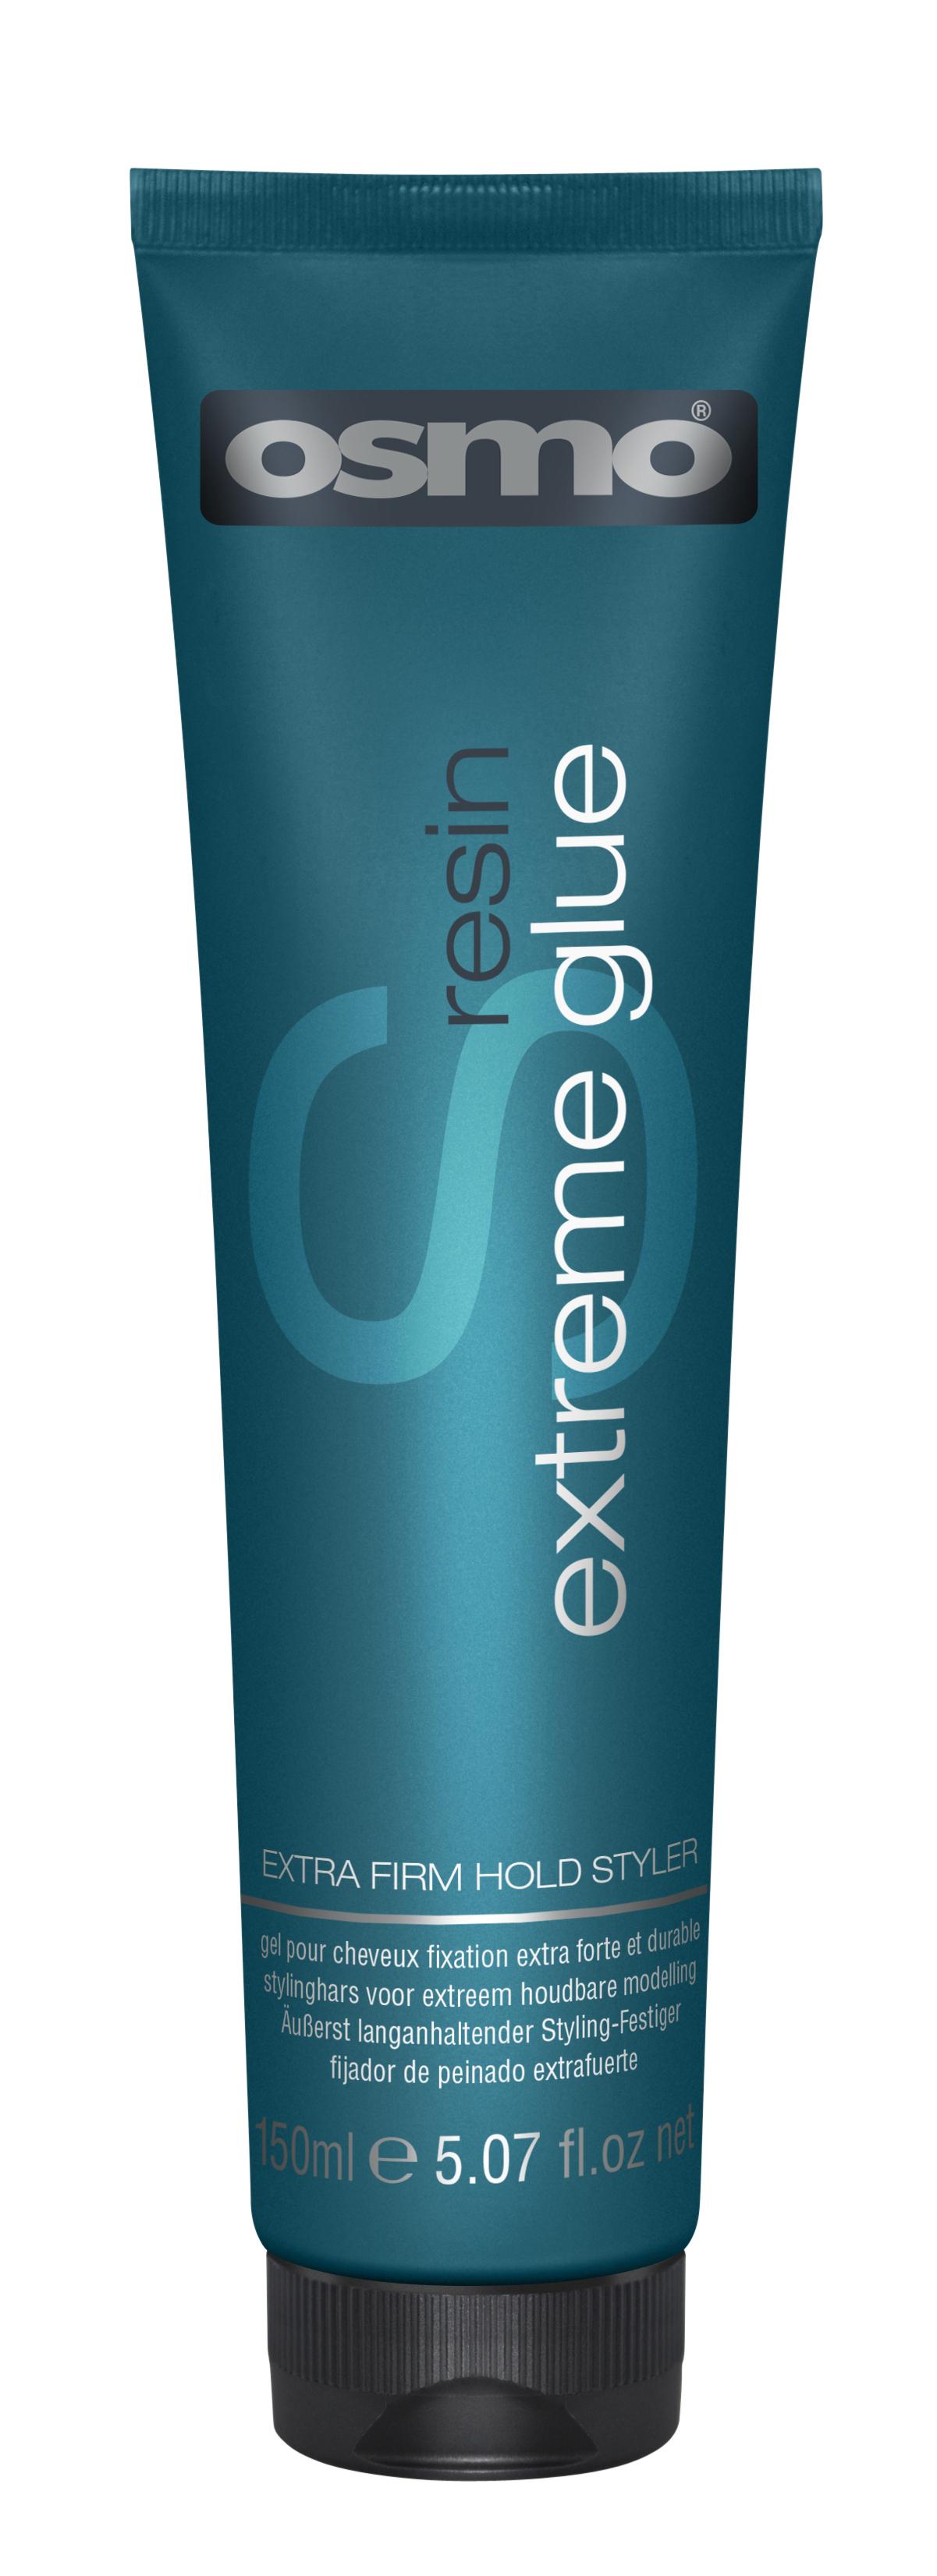 OSMO Клей экстремальный для эффекта мокрых волос и сильной фиксации / Resin Extreme Glue 150 мл - Гели